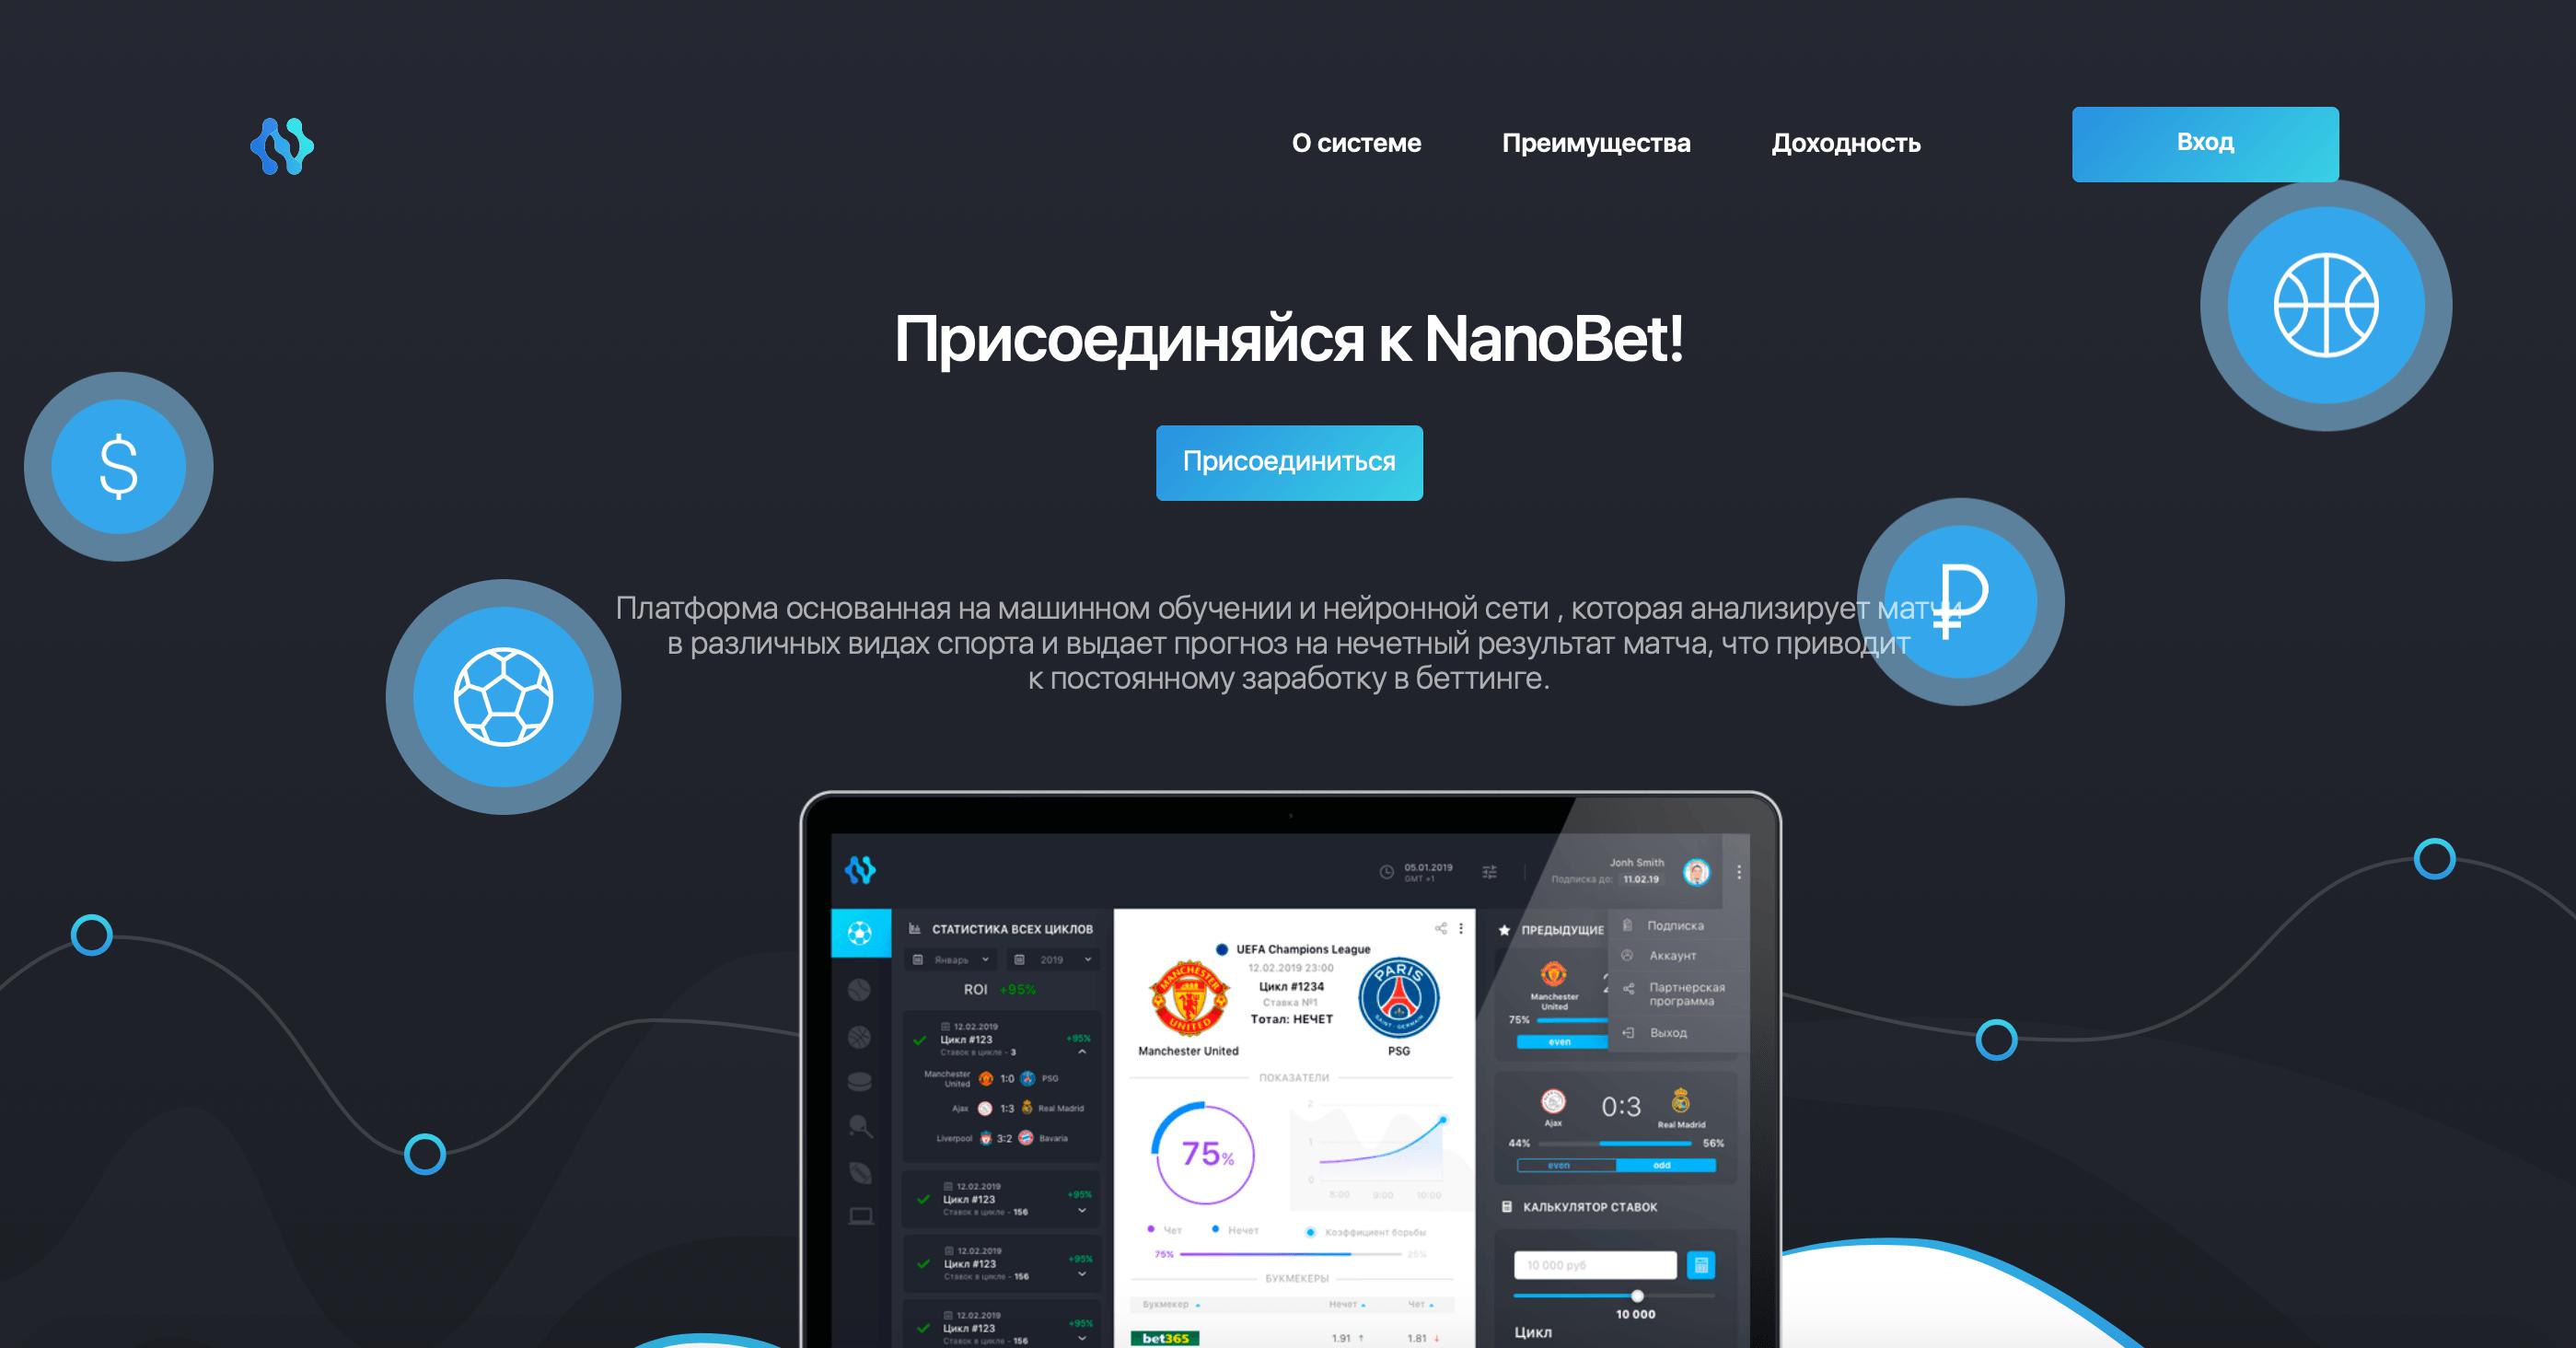 КЕЙС: льем с таргета Facebook на беттинг-оффер Nanobet (1.270.350)